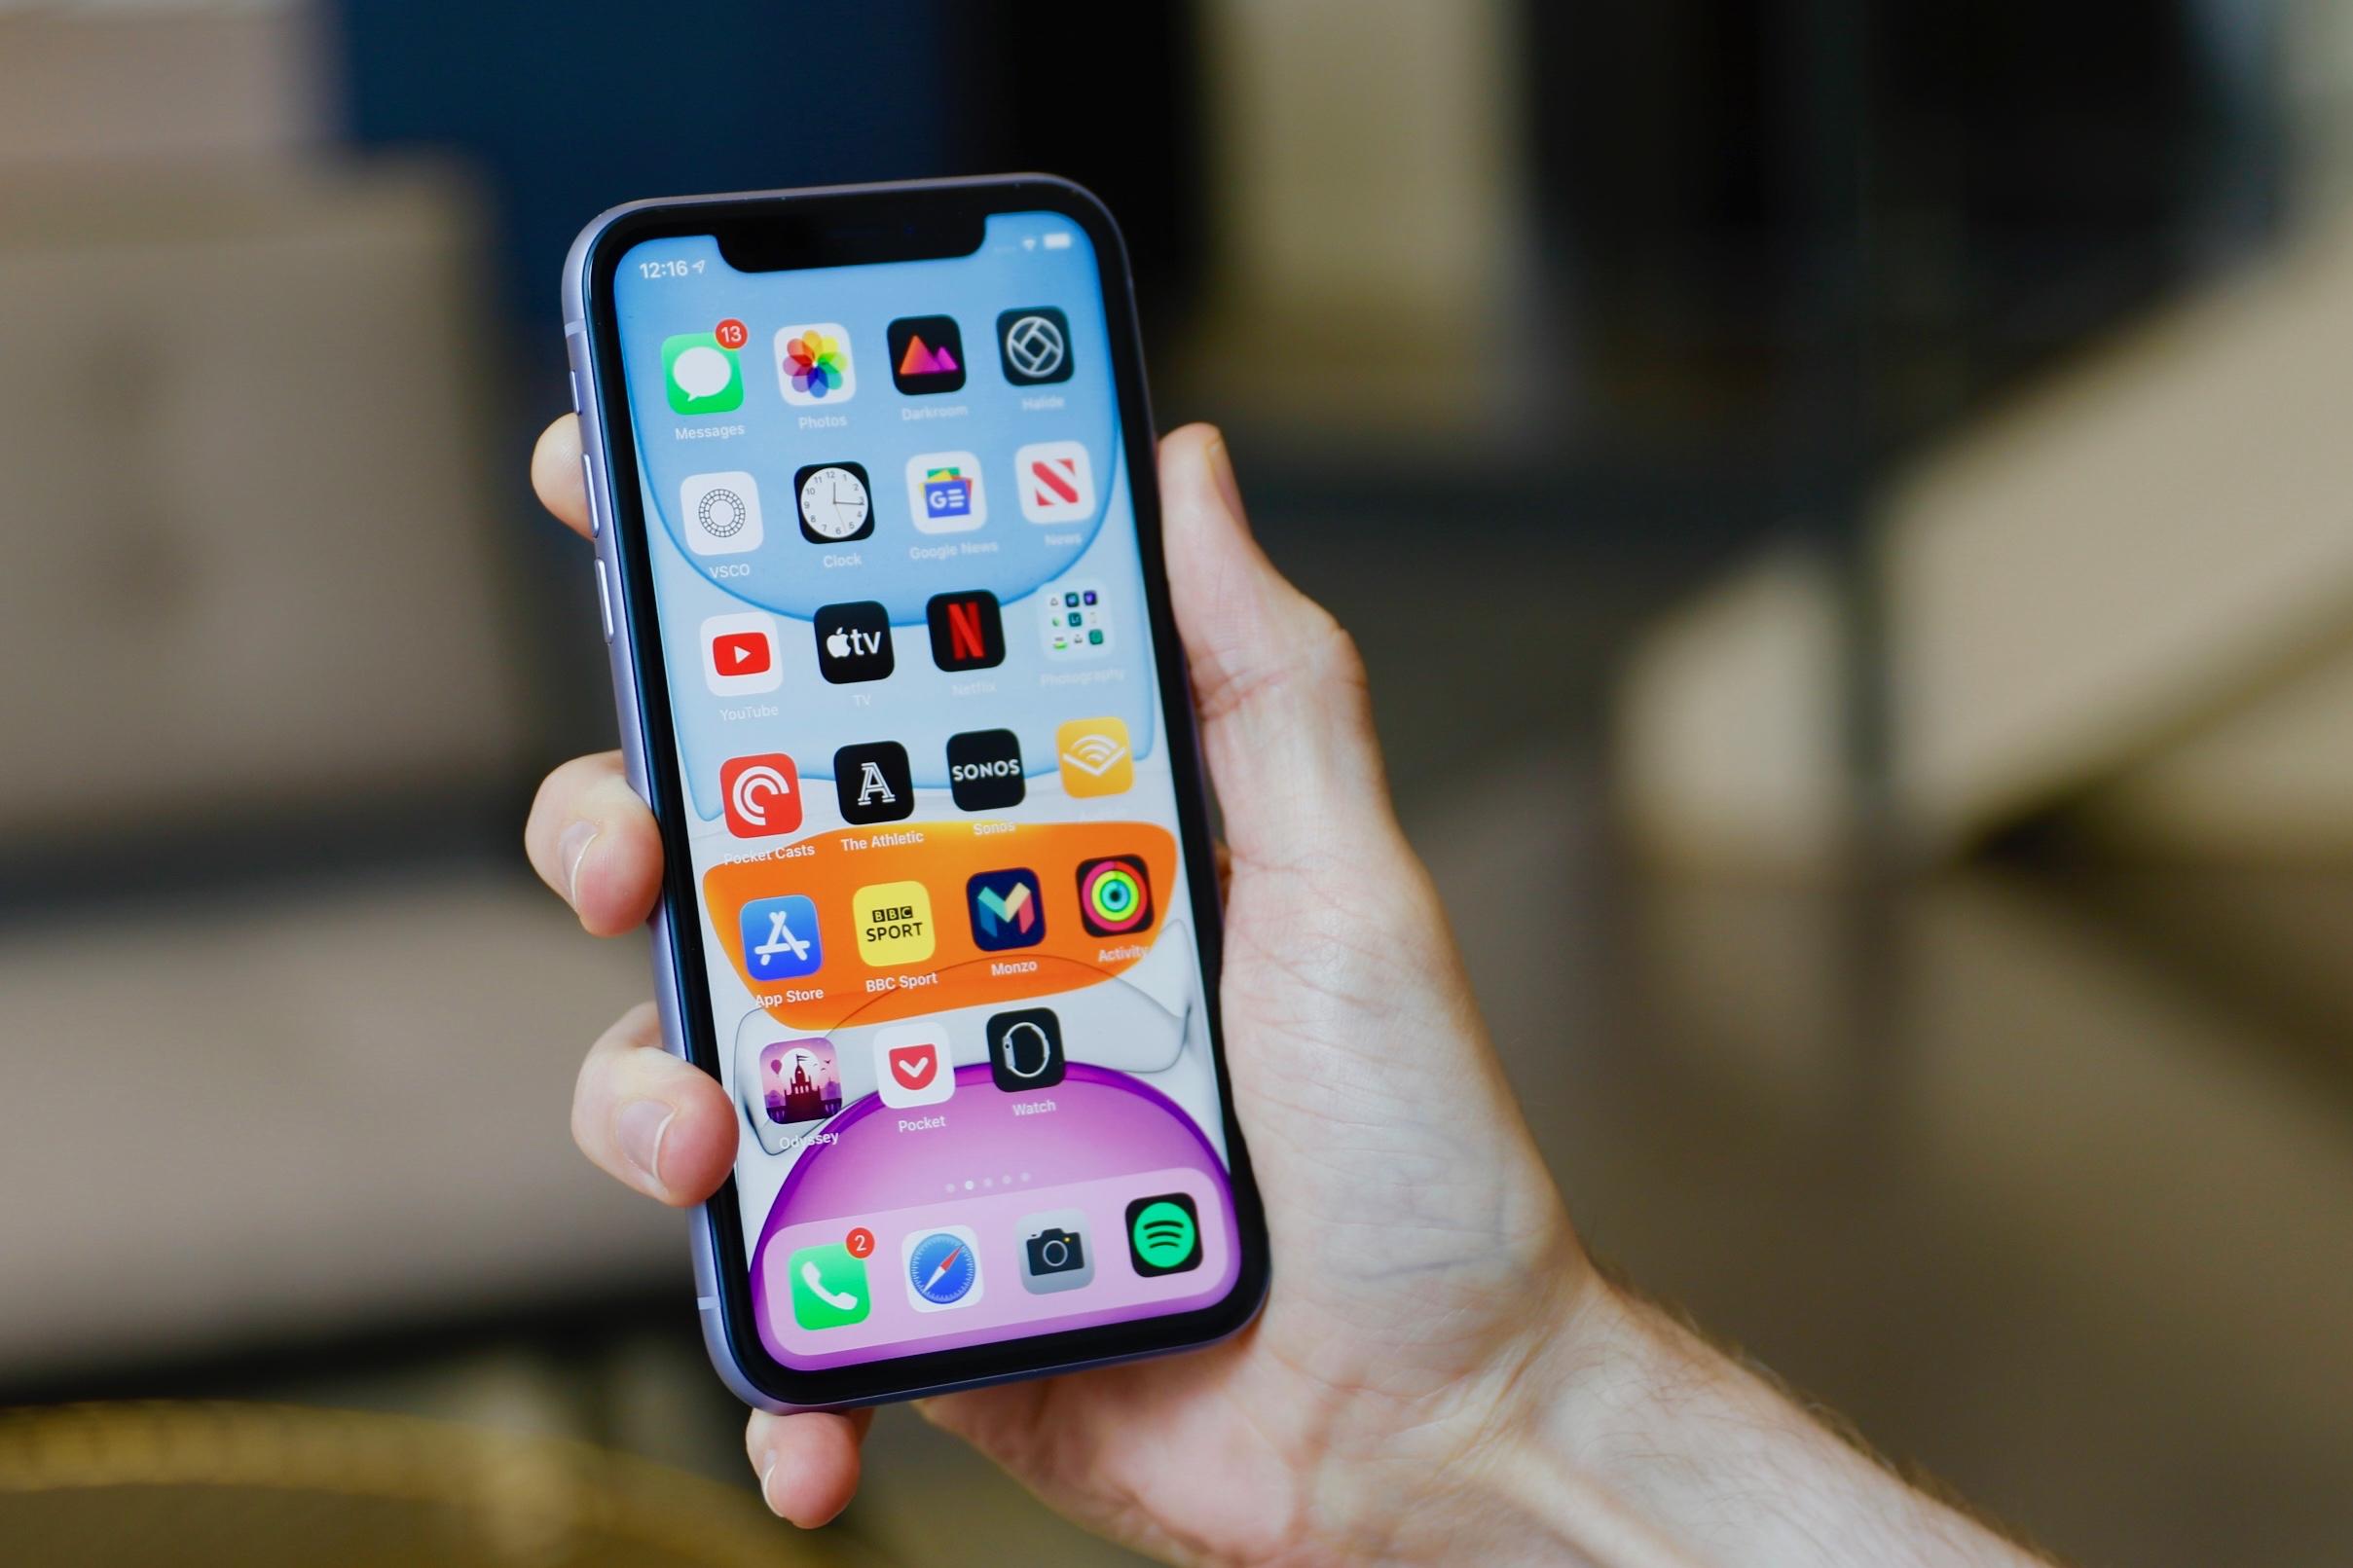 Doanh số iPhone 11 đạt mức cao nhất toàn cầu trong giai đoạn đại dịch COVID-19 - Ảnh 1.